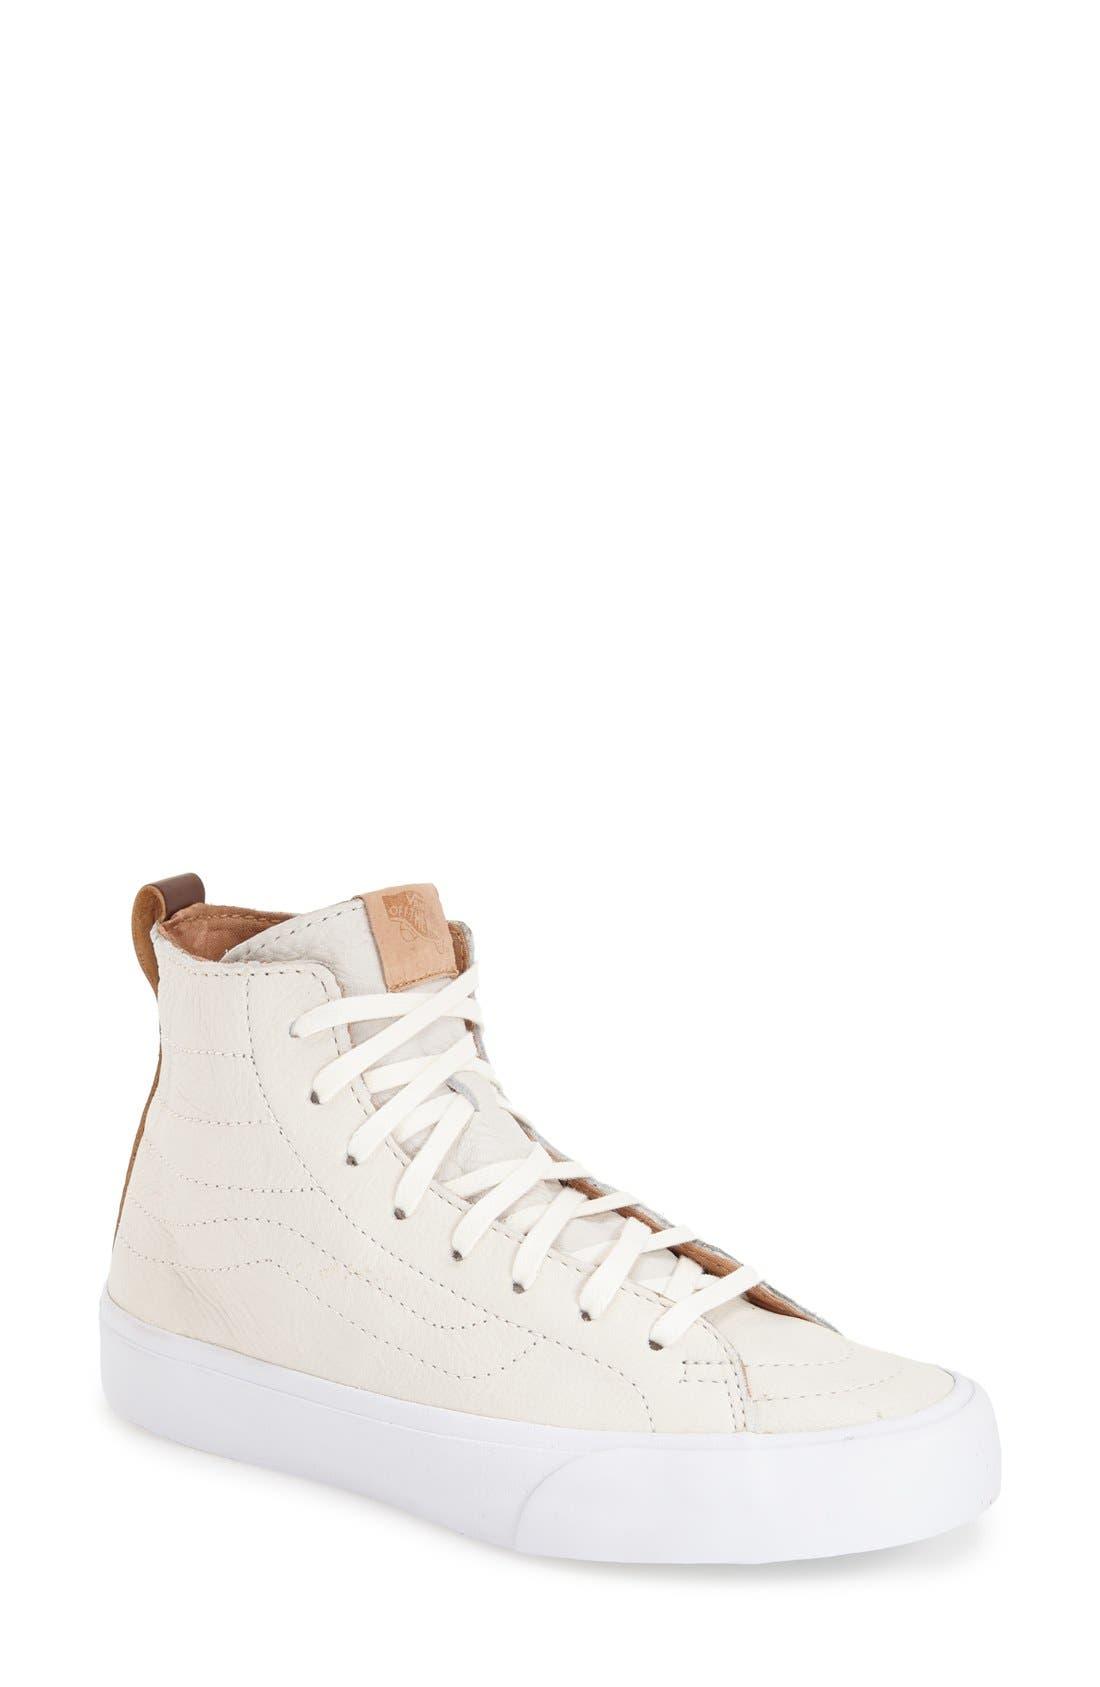 Main Image - Vans 'Sk8-Hi - Decon' Sneaker (Women)